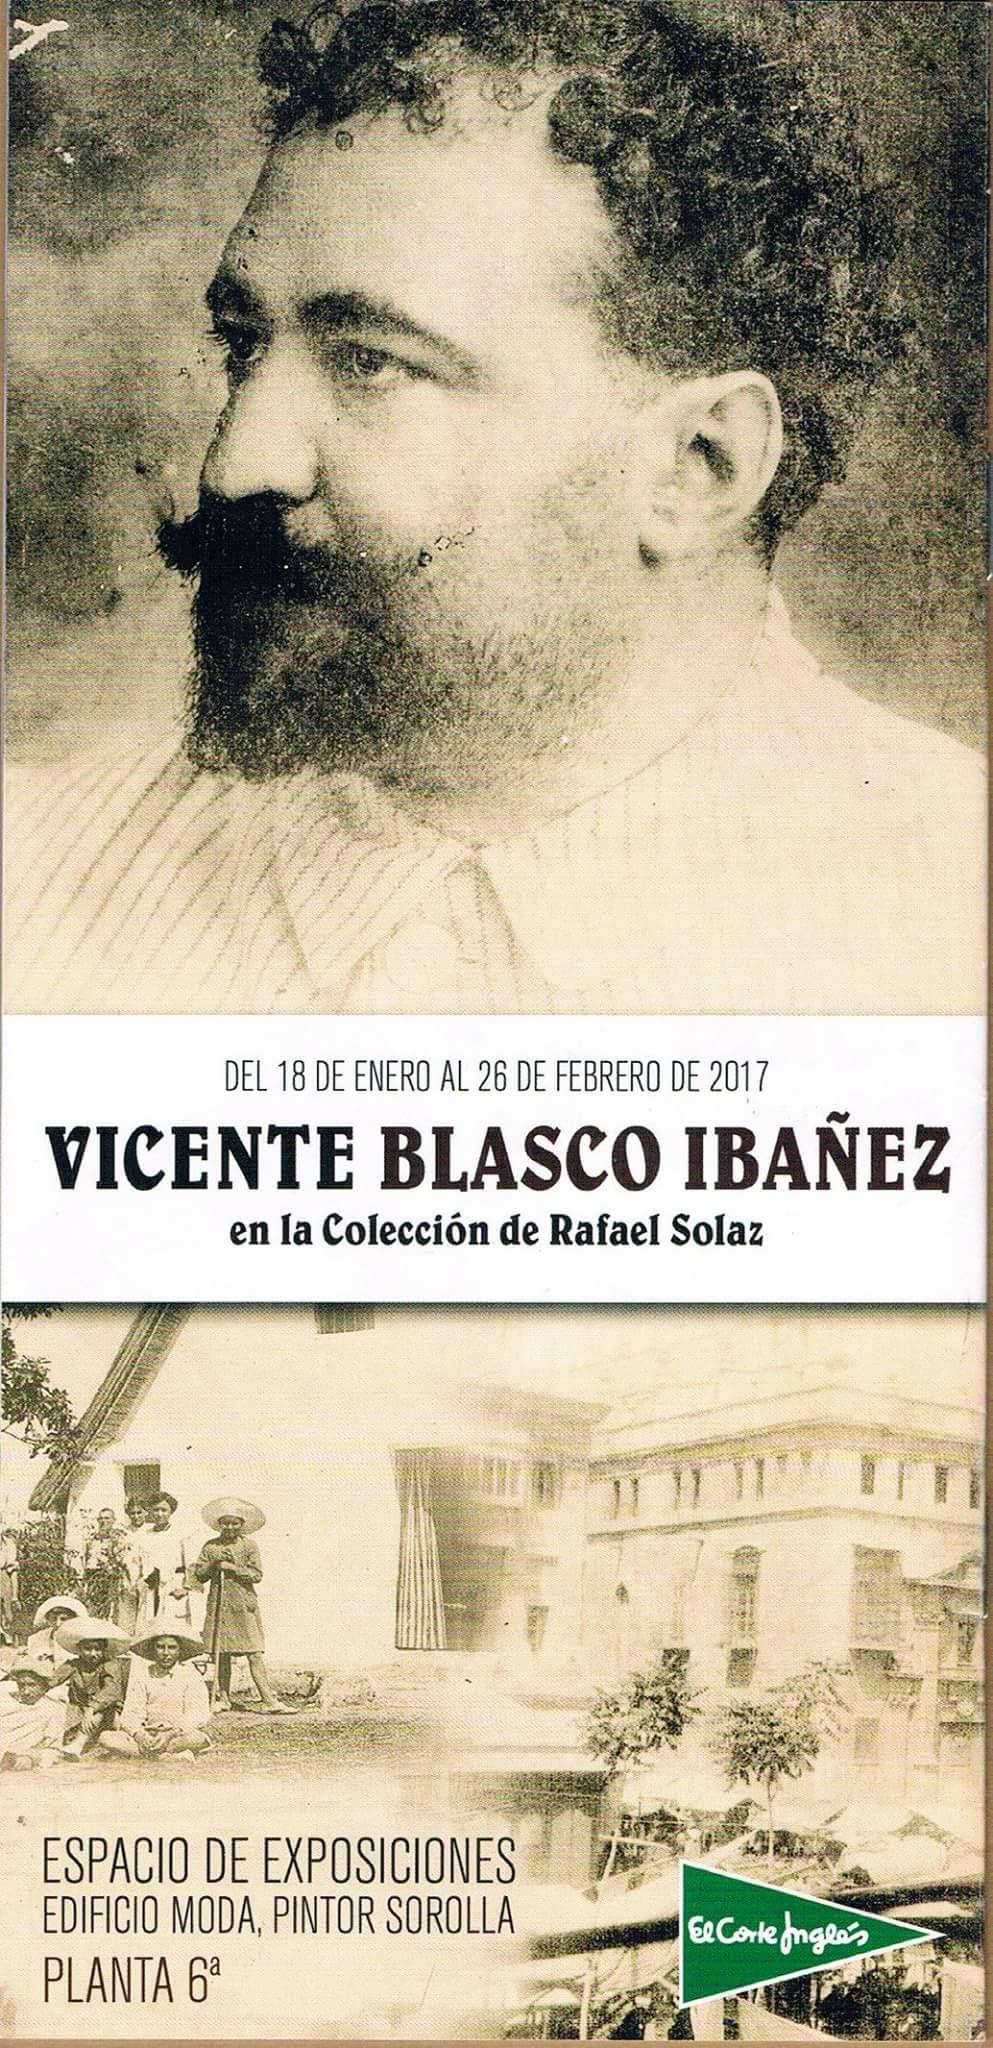 Exposición Blasco Ibáñez Rafael Solaz